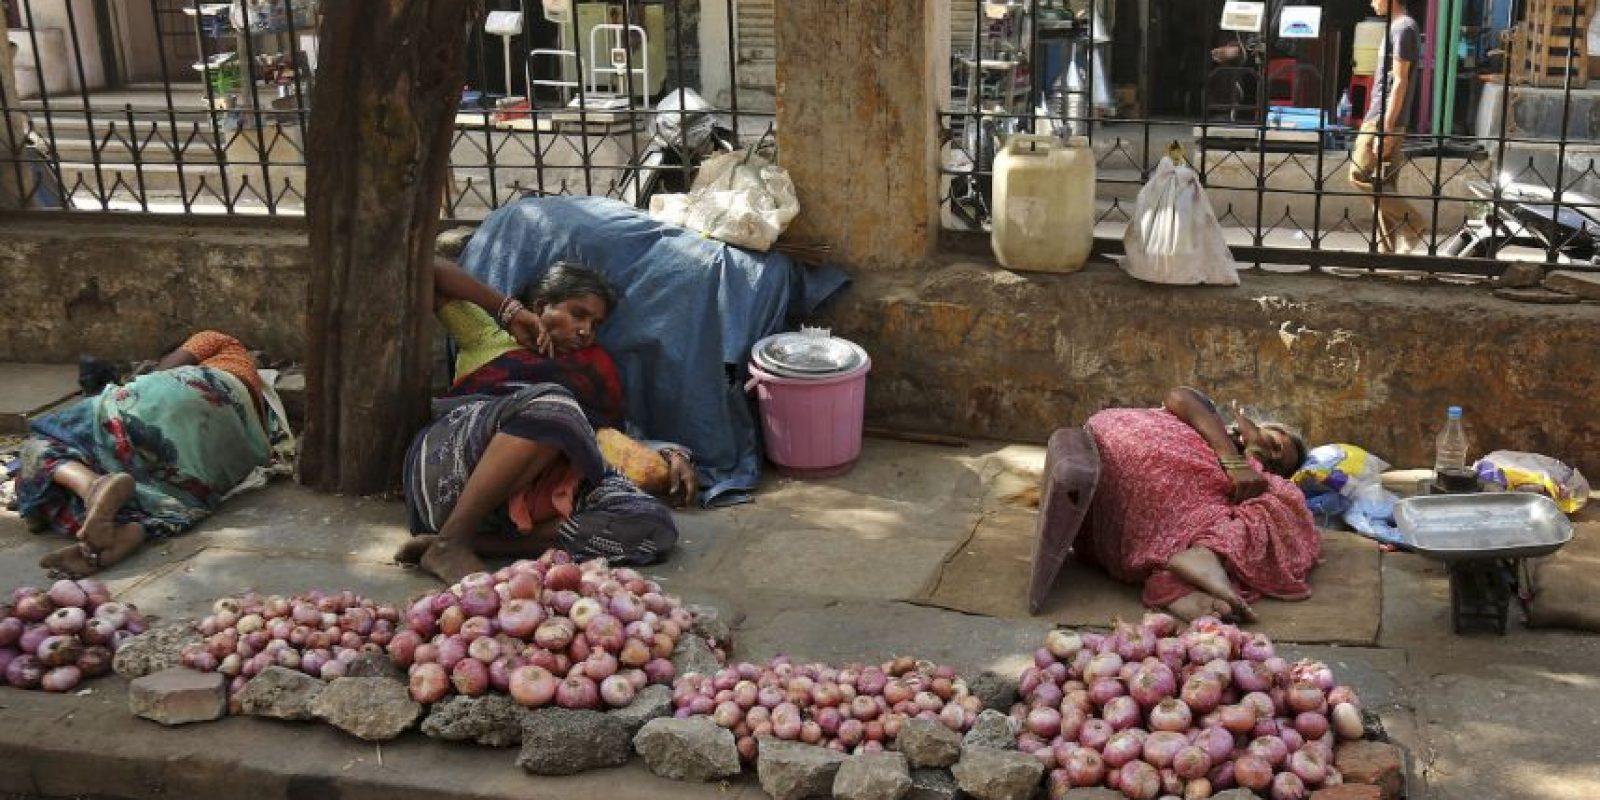 La mayoría de las muertes se registraron a causa de insolación y deshidratación extrema. Foto:AP